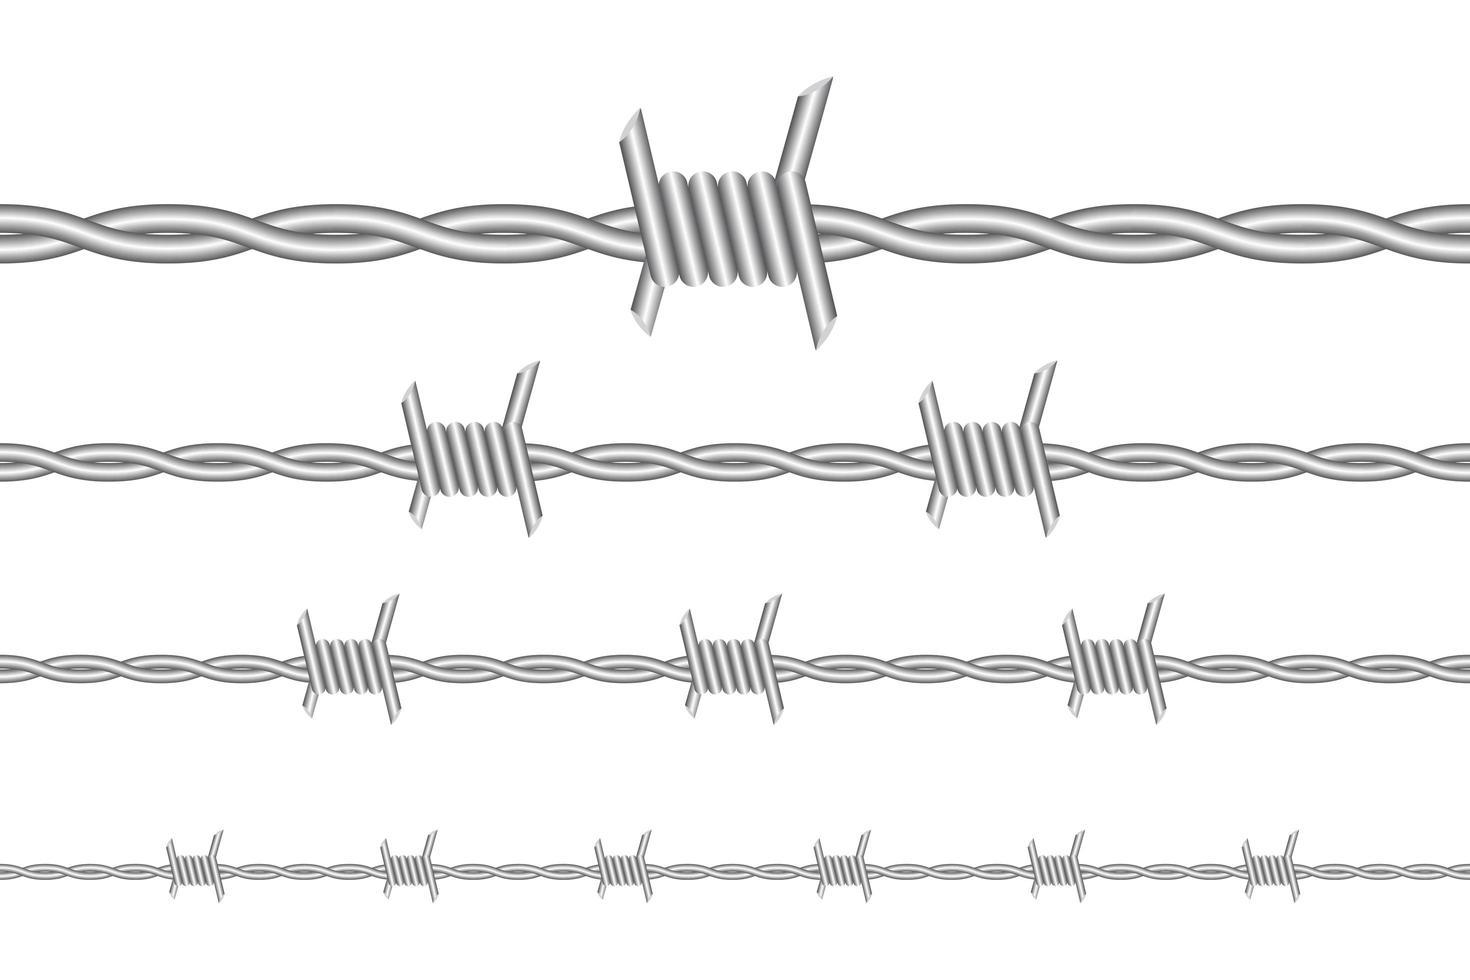 Stacheldraht isoliert vektor